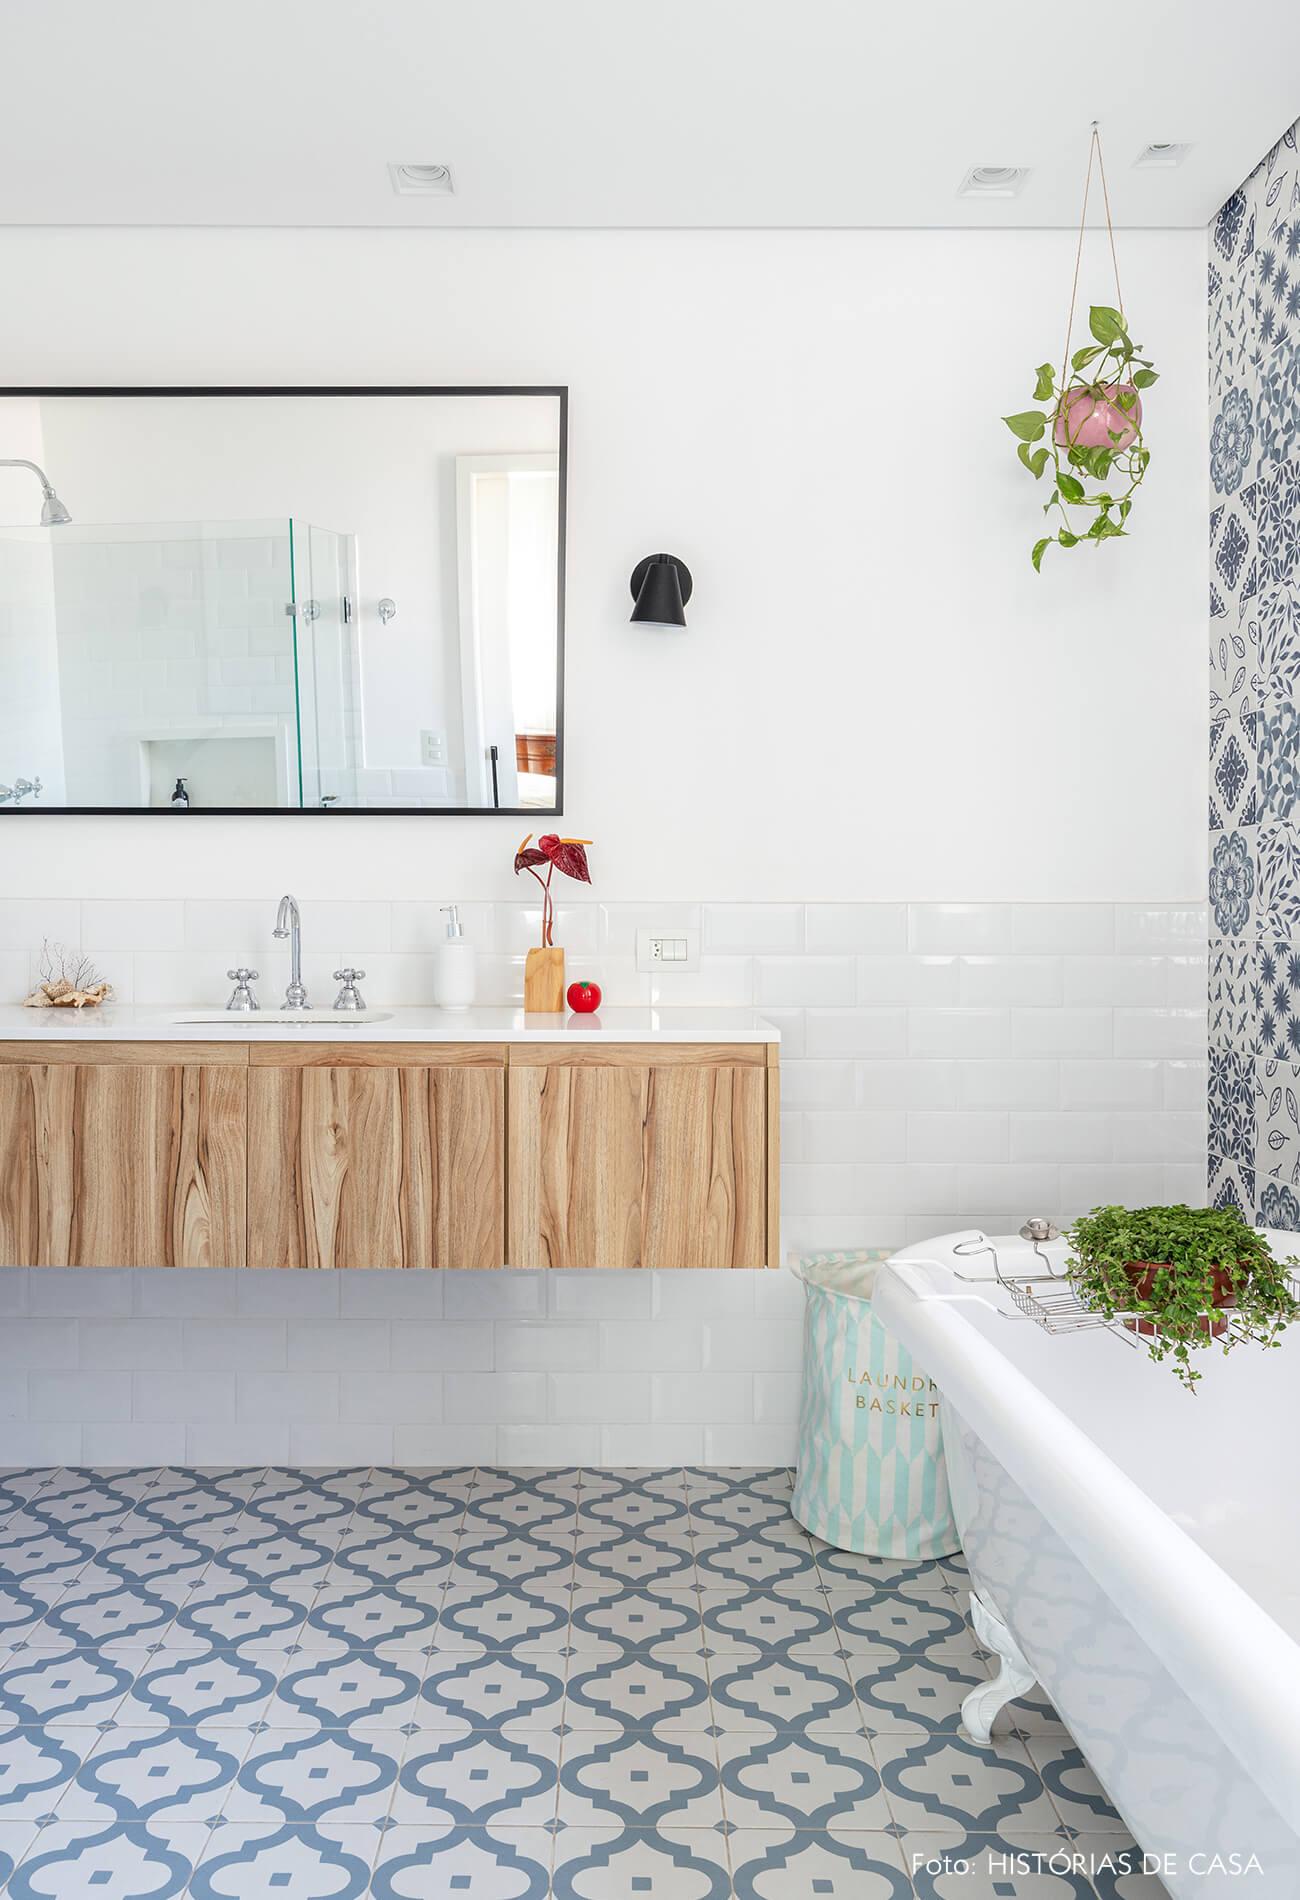 Banheiro com azulejo azul e branco banheira e plantas